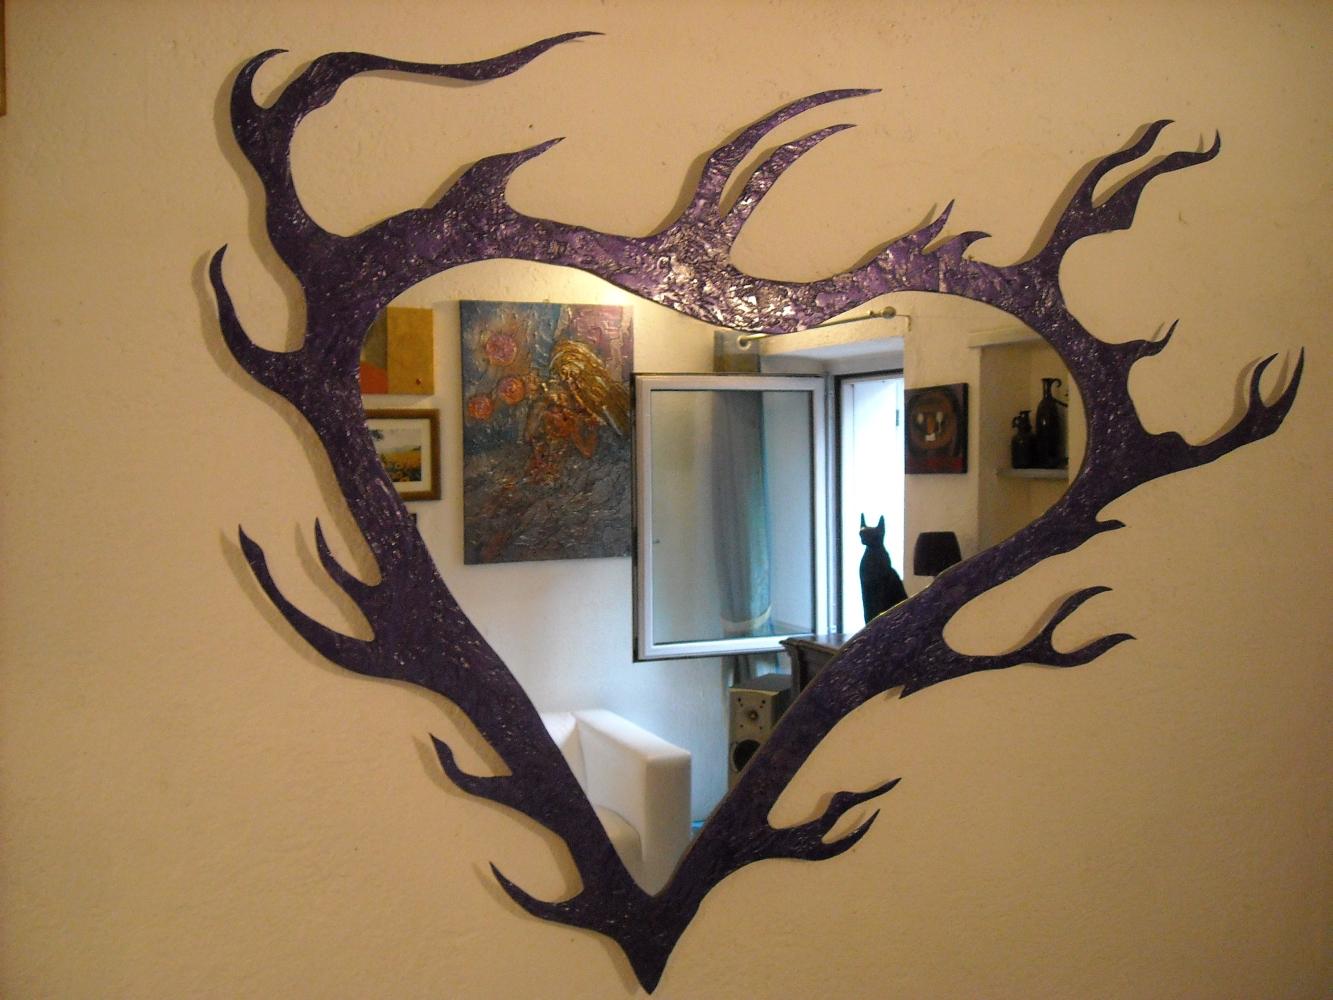 Dony - specchi da parete particolari, design, moderni di valore